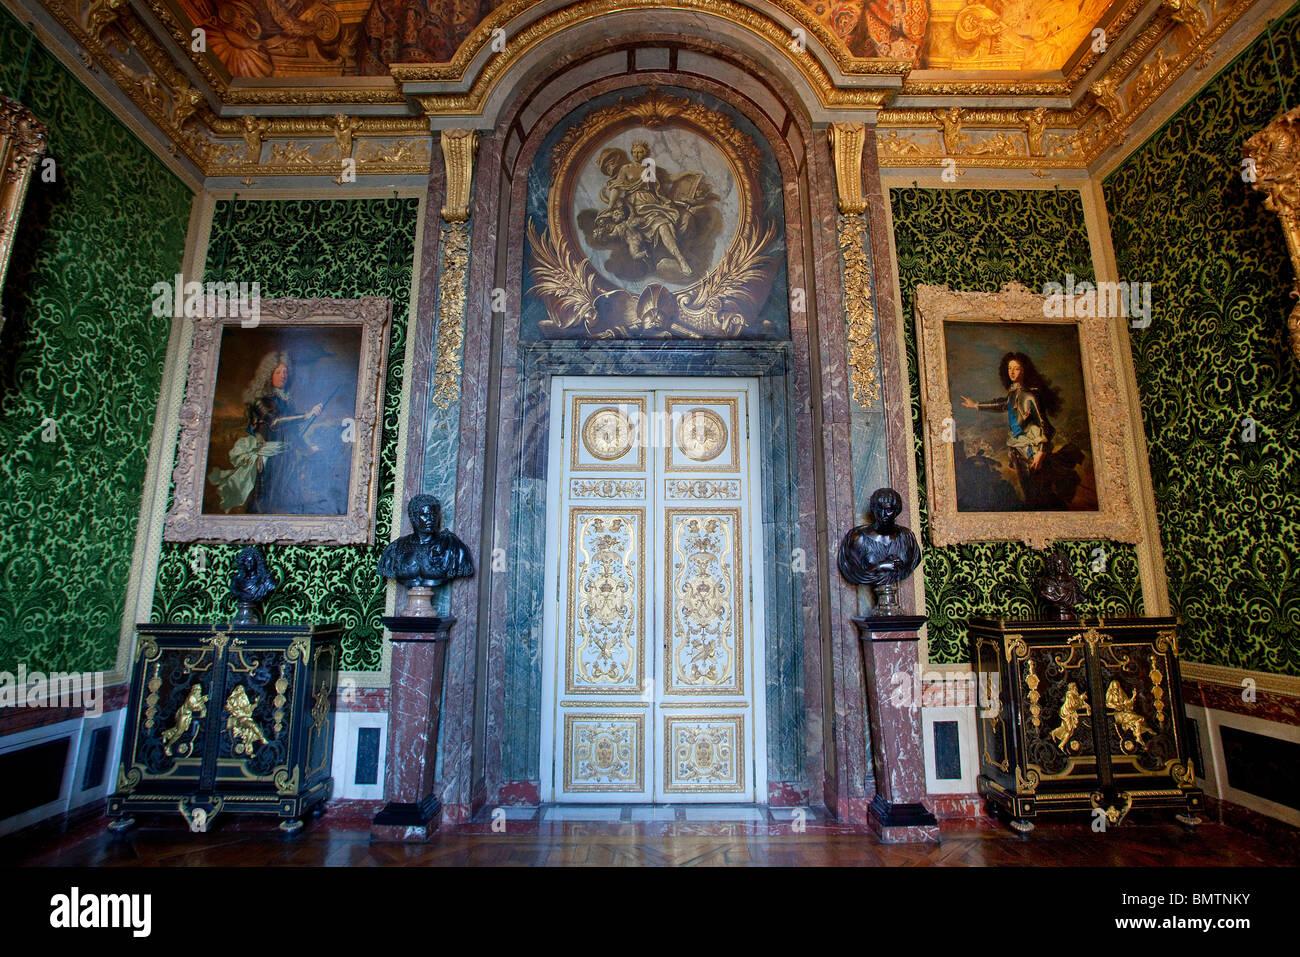 Chateau de Versailles, Les Grands Appartements (State Apartments), Salon de l'Abondance - Stock Image